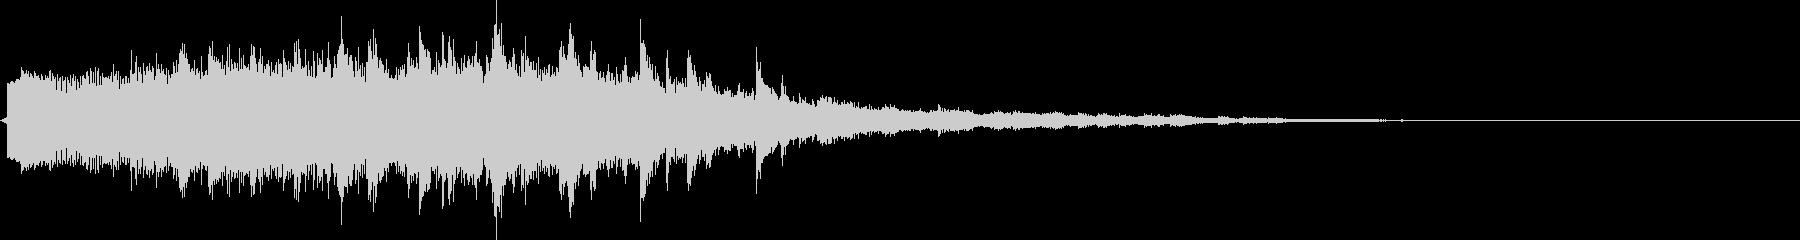 キラキラキラーン(ドレスアップ、変身)の未再生の波形